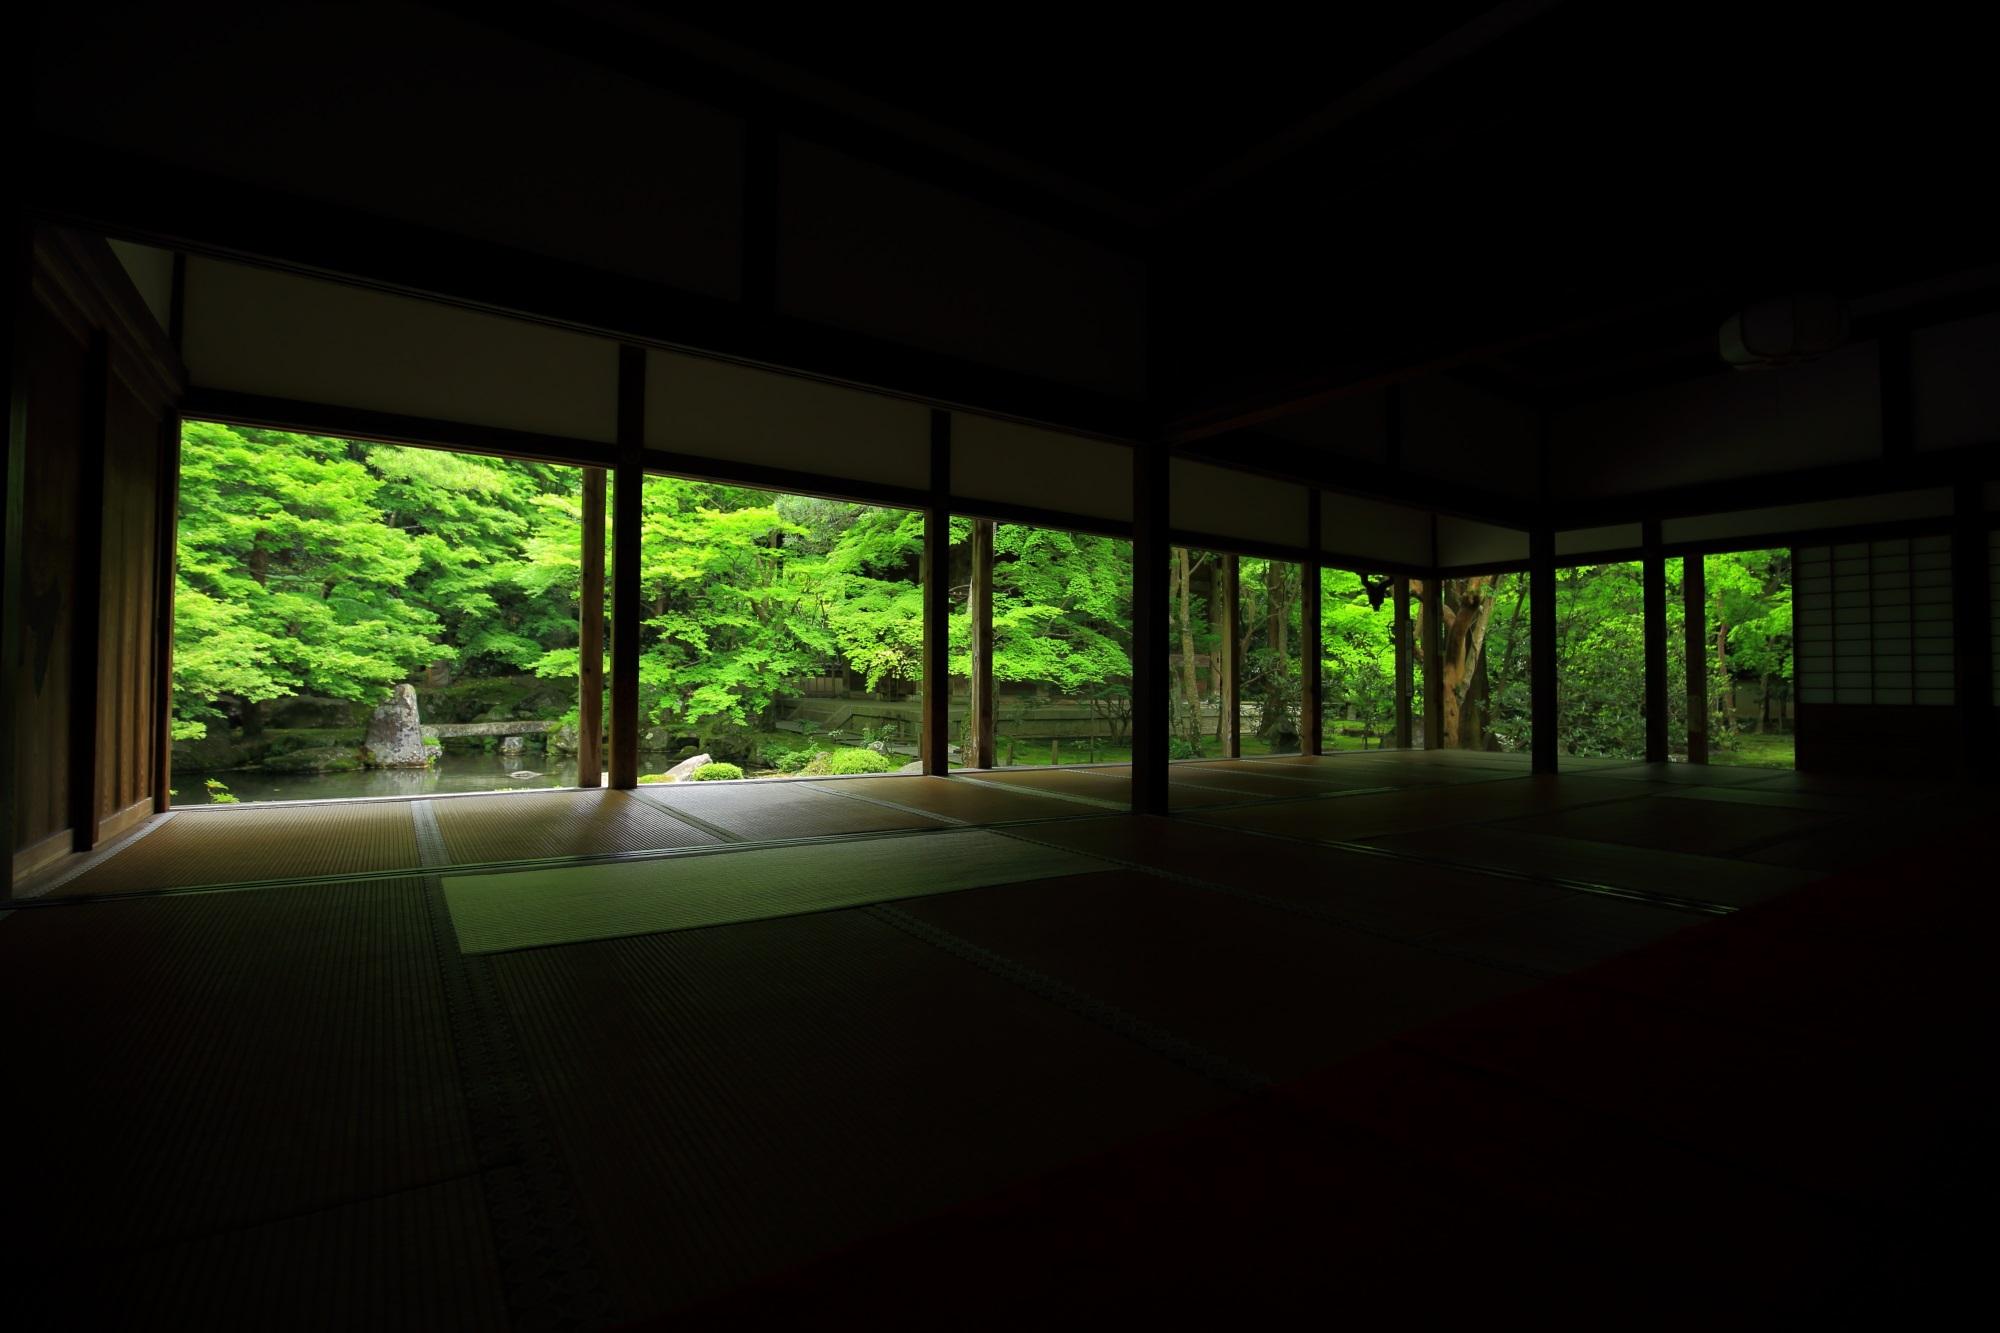 蓮華寺の書院から眺めた素晴らしい新緑の庭園